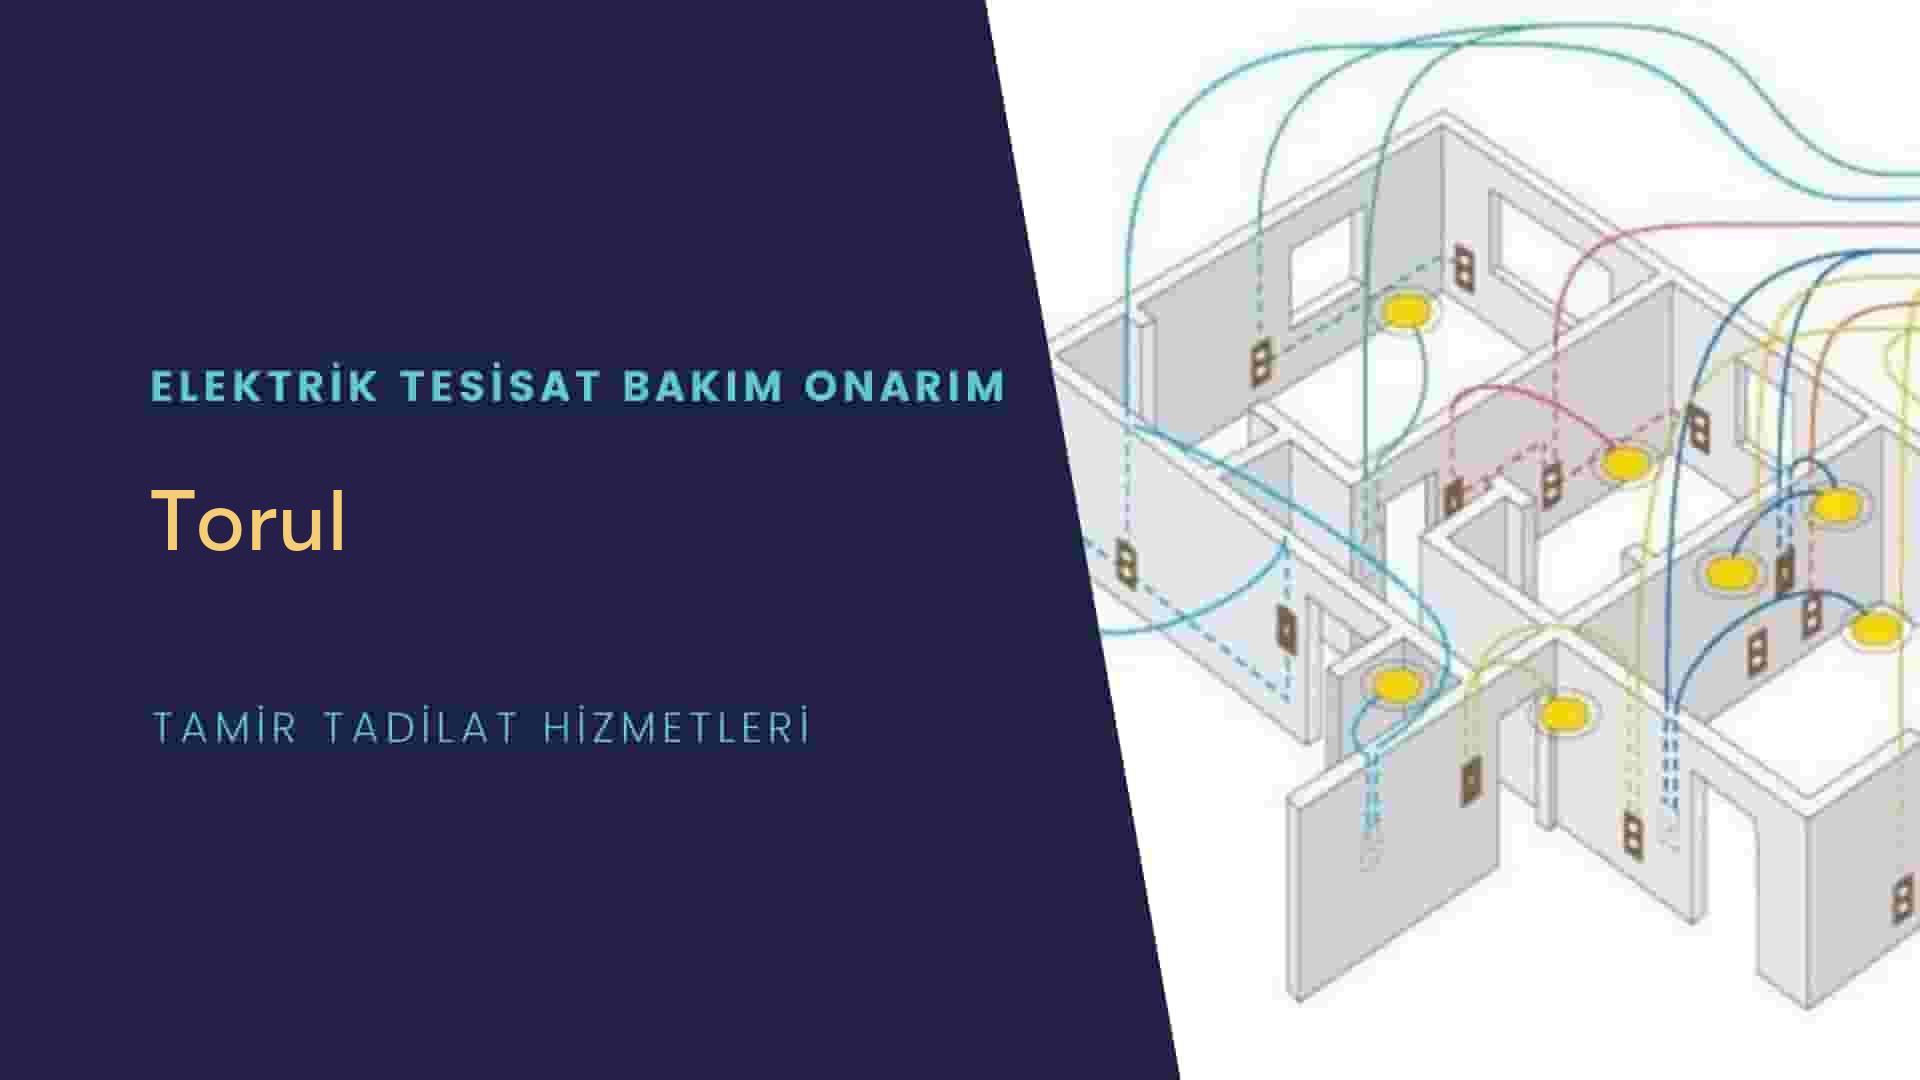 Torul'da elektrik tesisatıustalarımı arıyorsunuz doğru adrestenizi Torul elektrik tesisatı ustalarımız 7/24 sizlere hizmet vermekten mutluluk duyar.